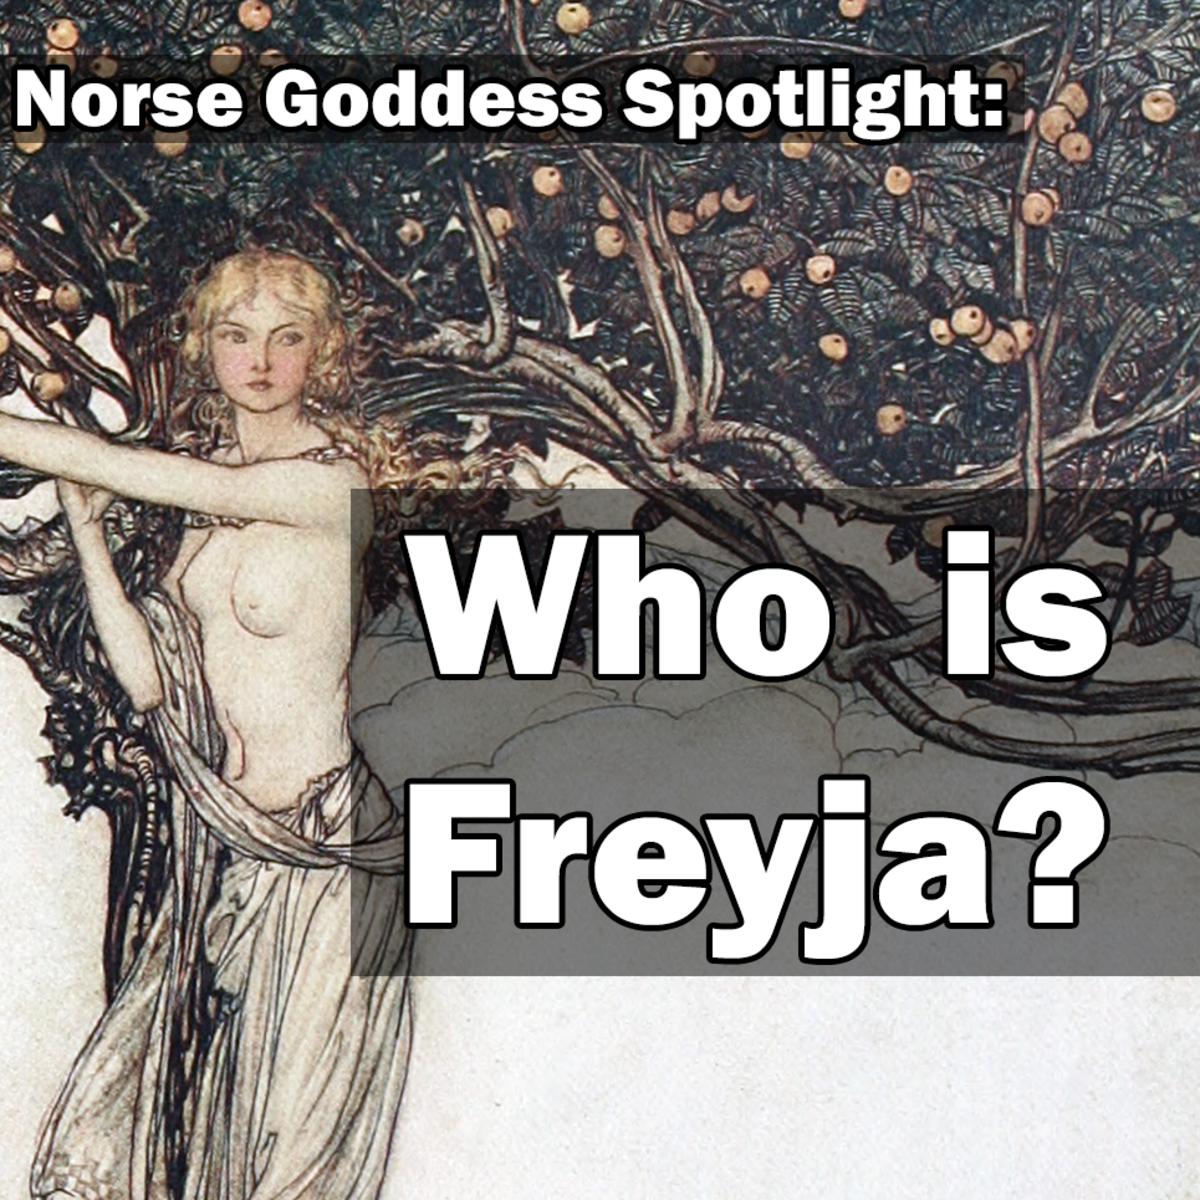 Who is Freyja?